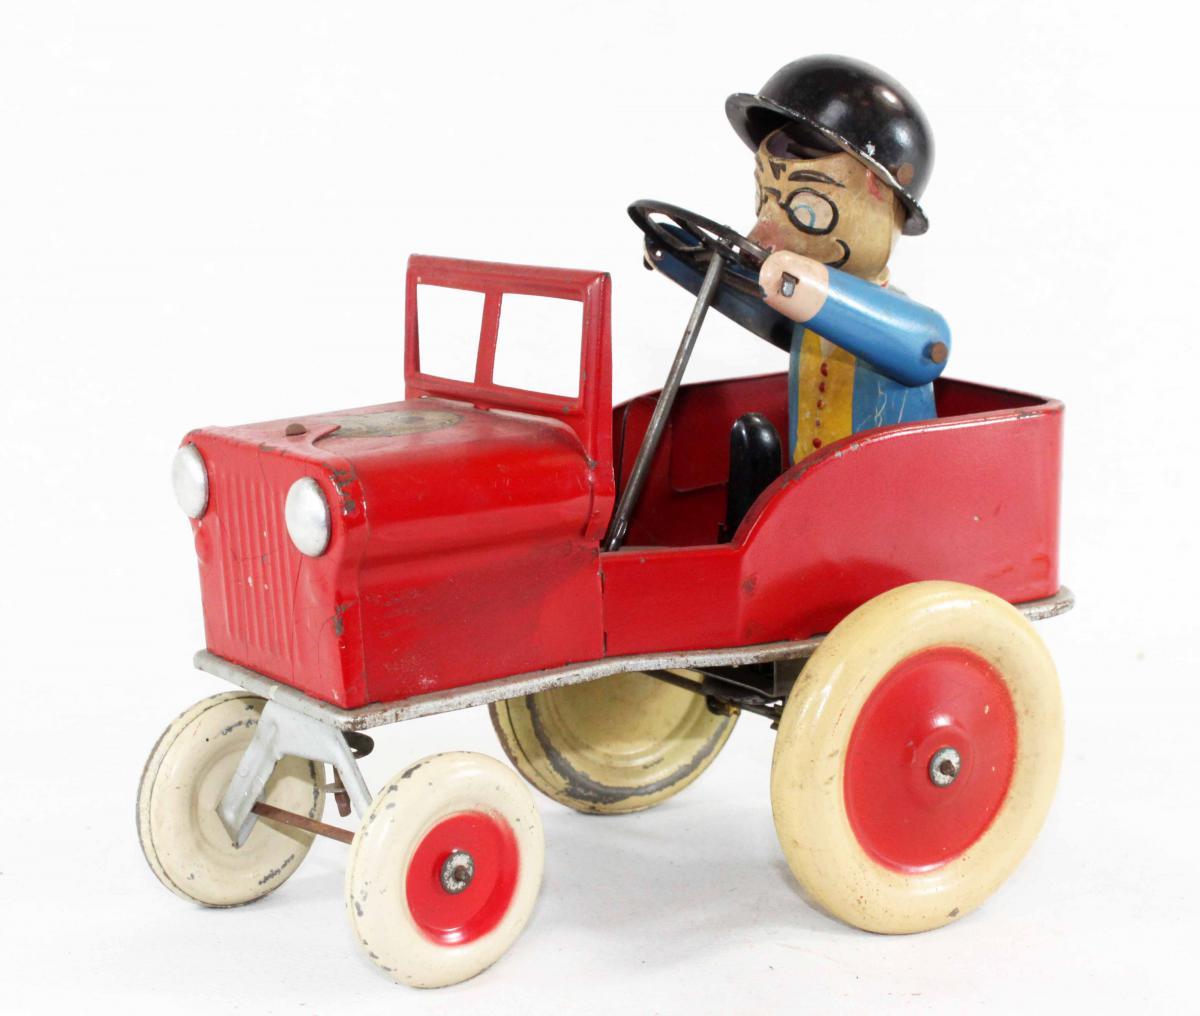 jrd voiture dubout jouet ancien jouets anciens. Black Bedroom Furniture Sets. Home Design Ideas